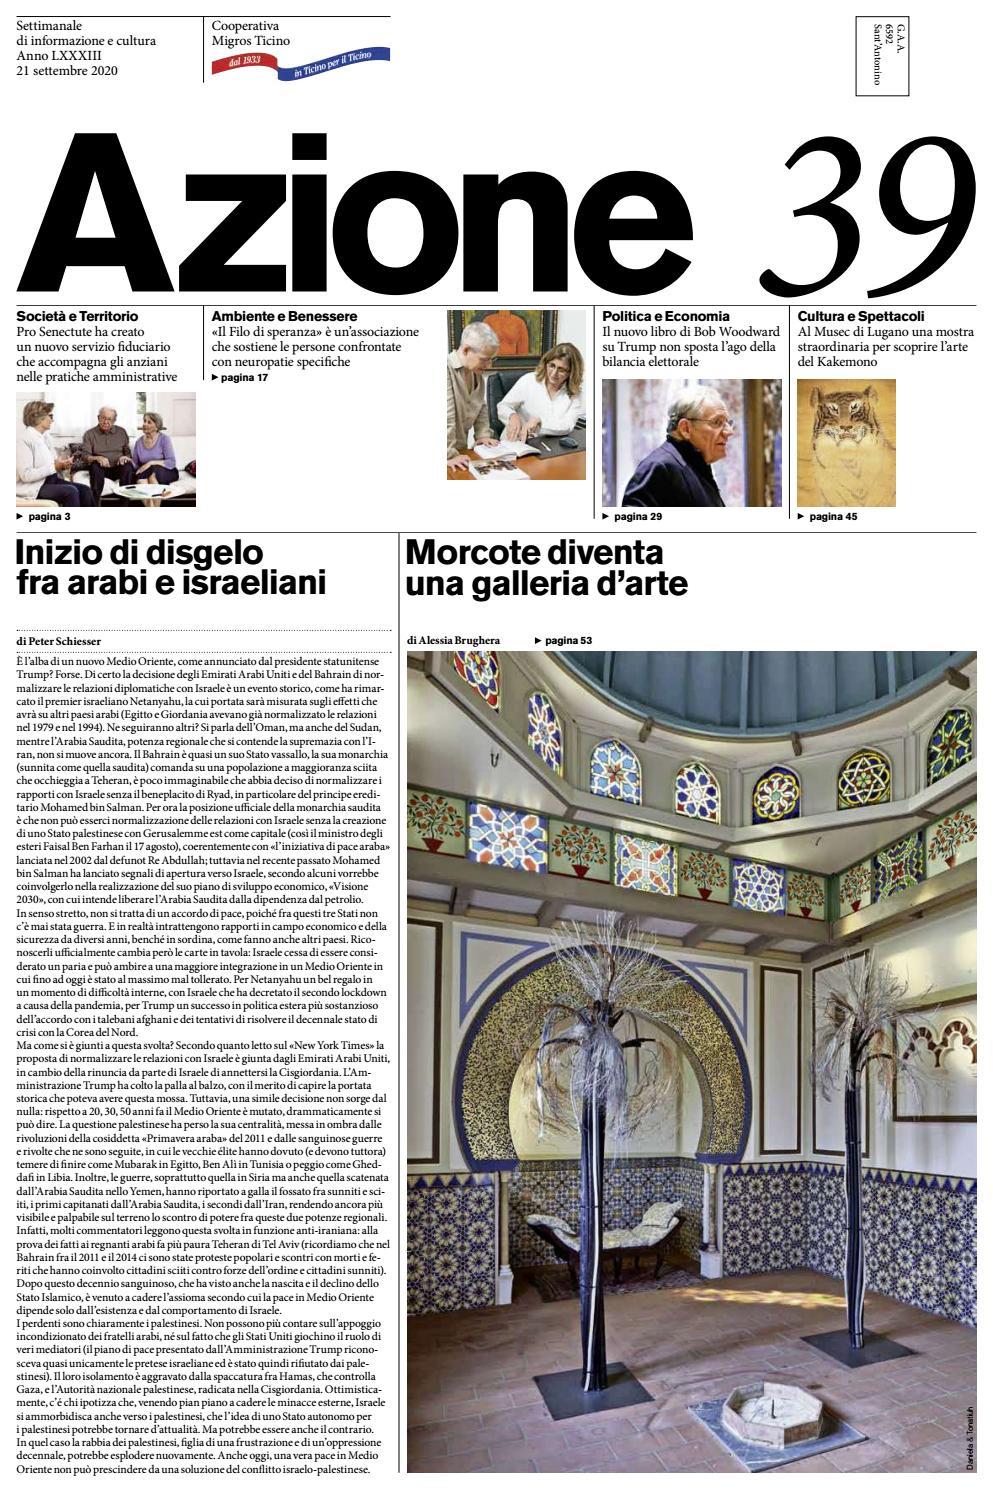 Azione 39 Del 21 Settembre 2020 By Azione Settimanale Di Migros Ticino Issuu